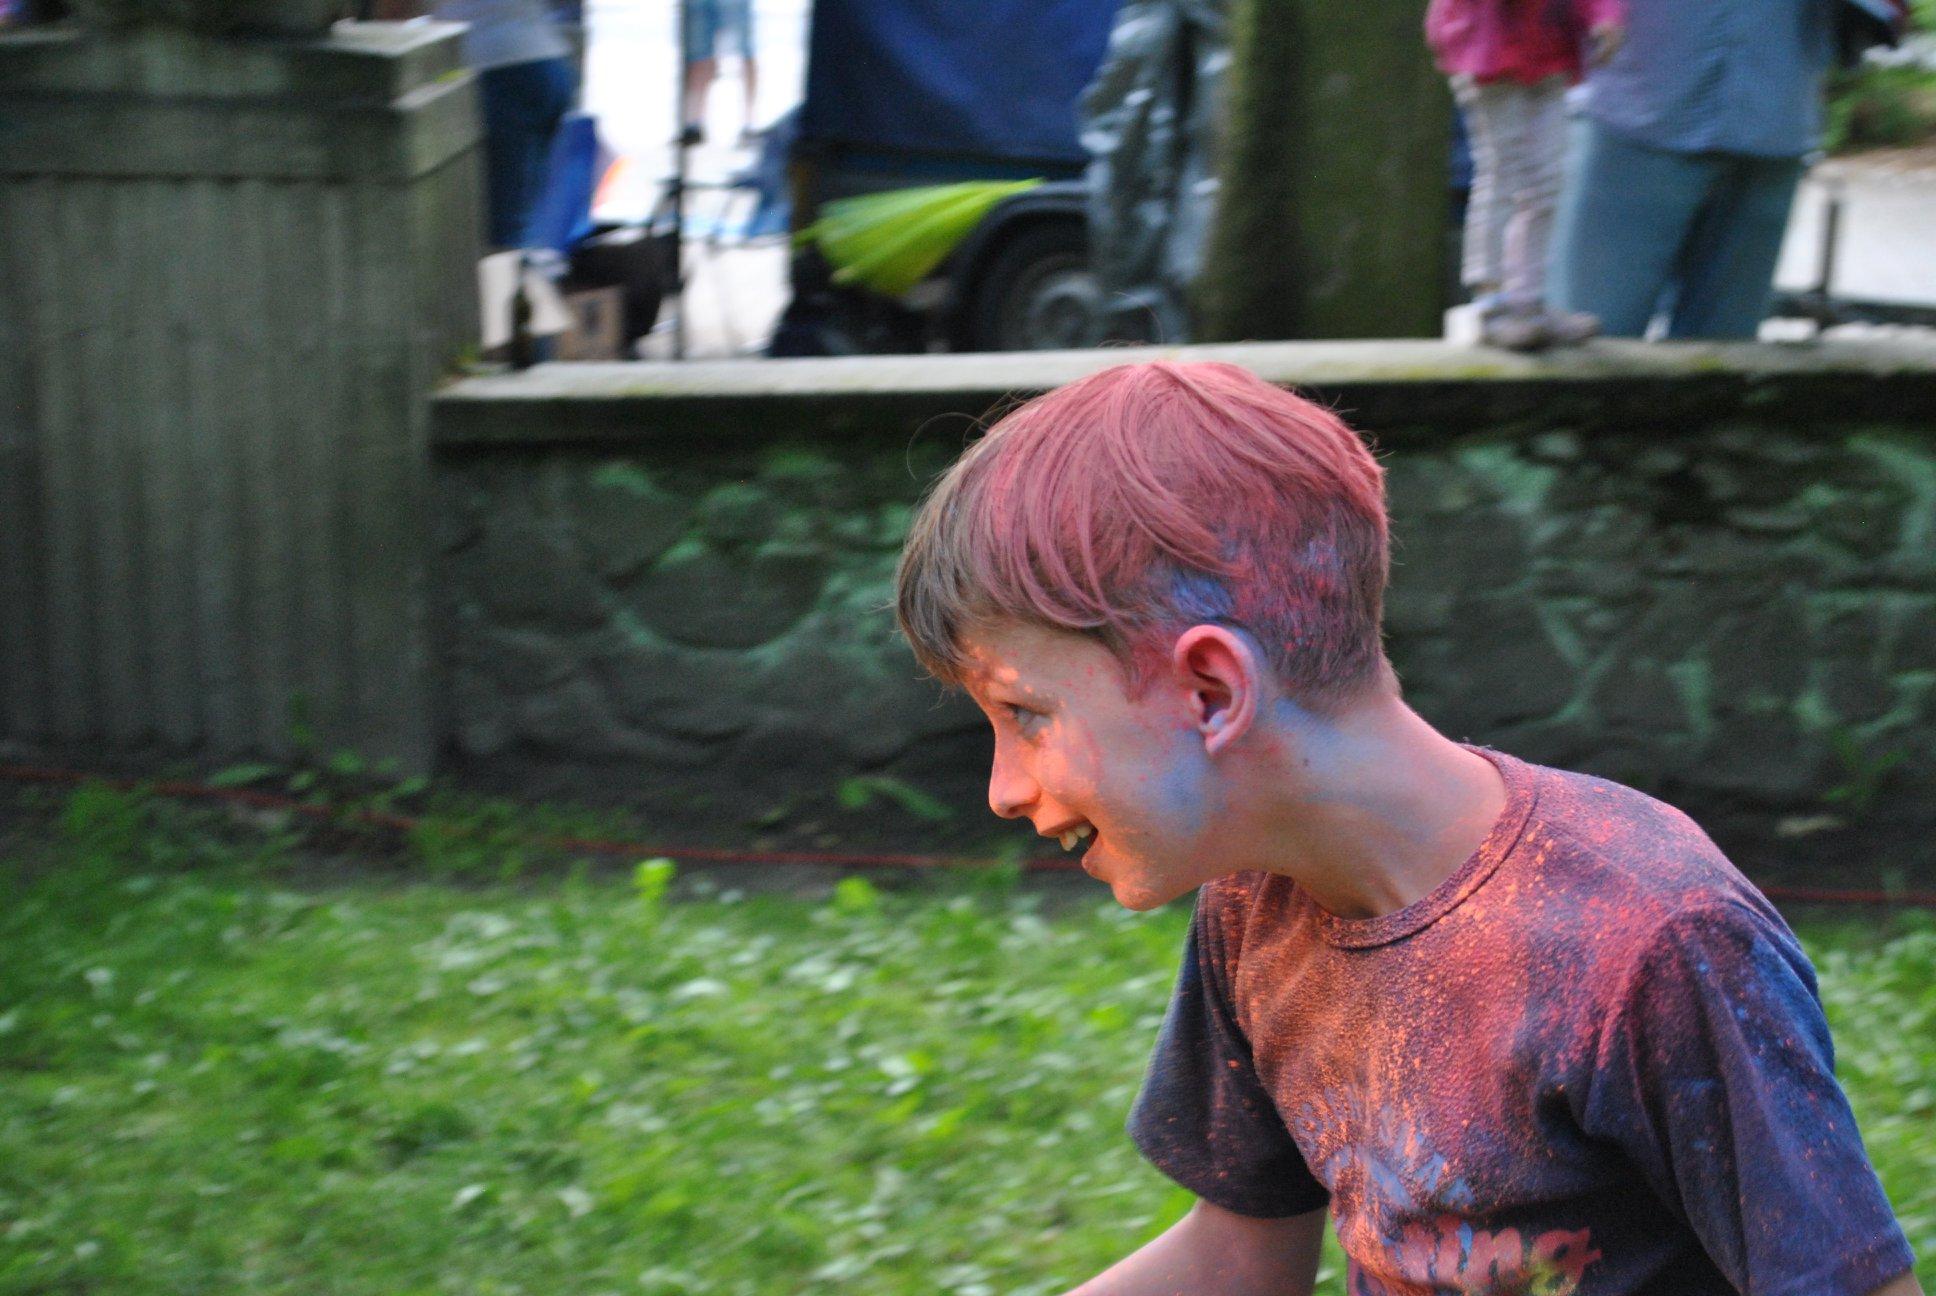 chłopiec w czasie zabawy rzucaniu proszku holi